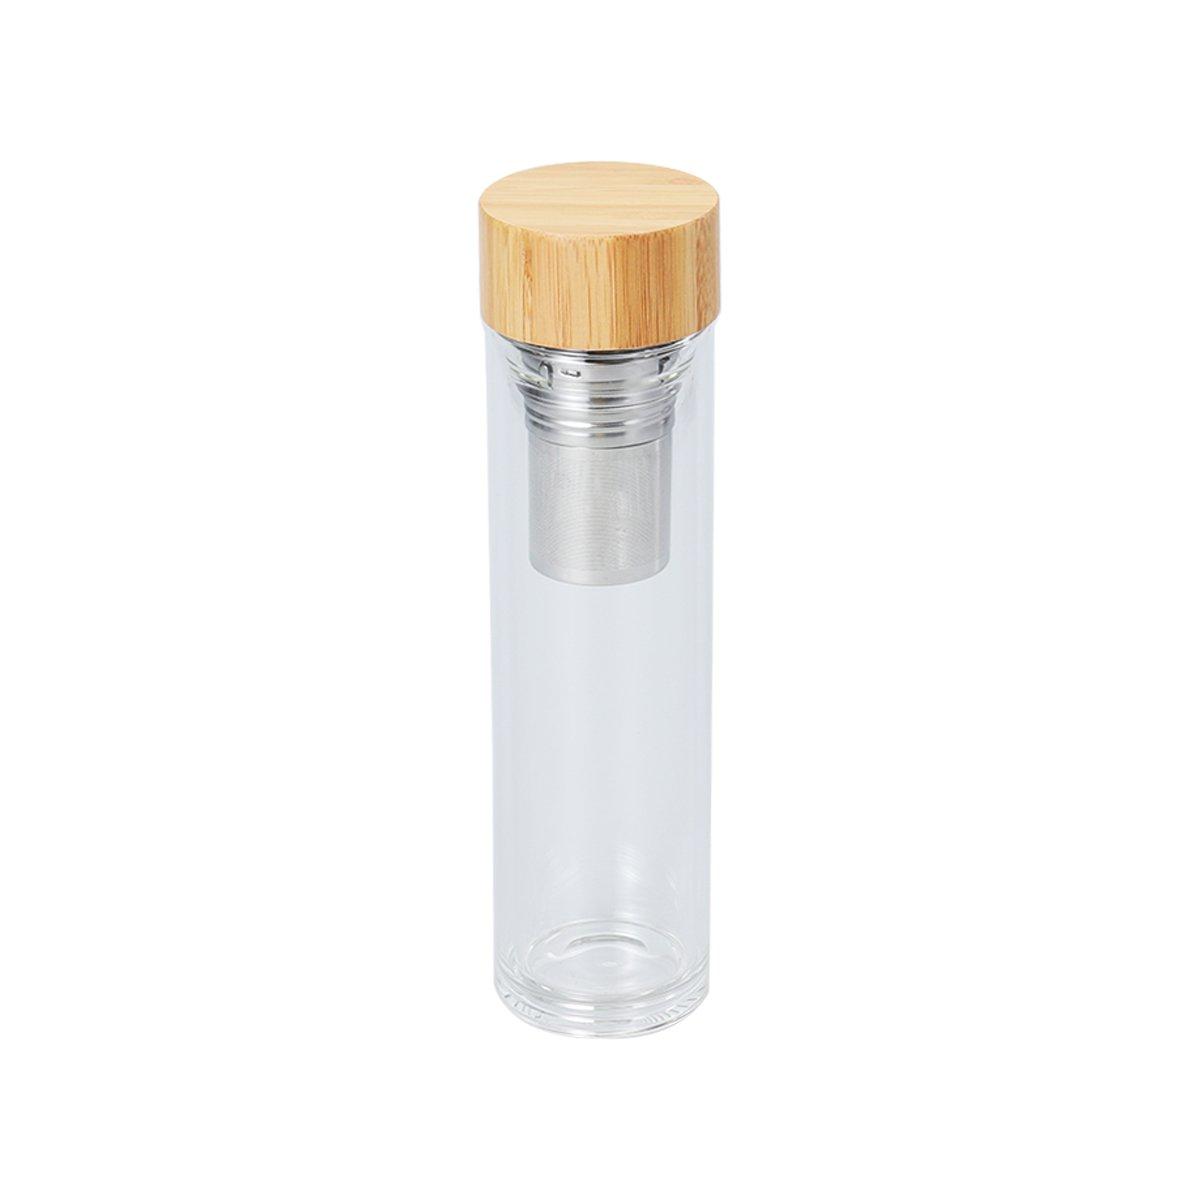 Bestonzon Bouteille d'eau en verre de 500ml avec couvercle en bambou Portable Gobelet Bistratal Tasse à thé